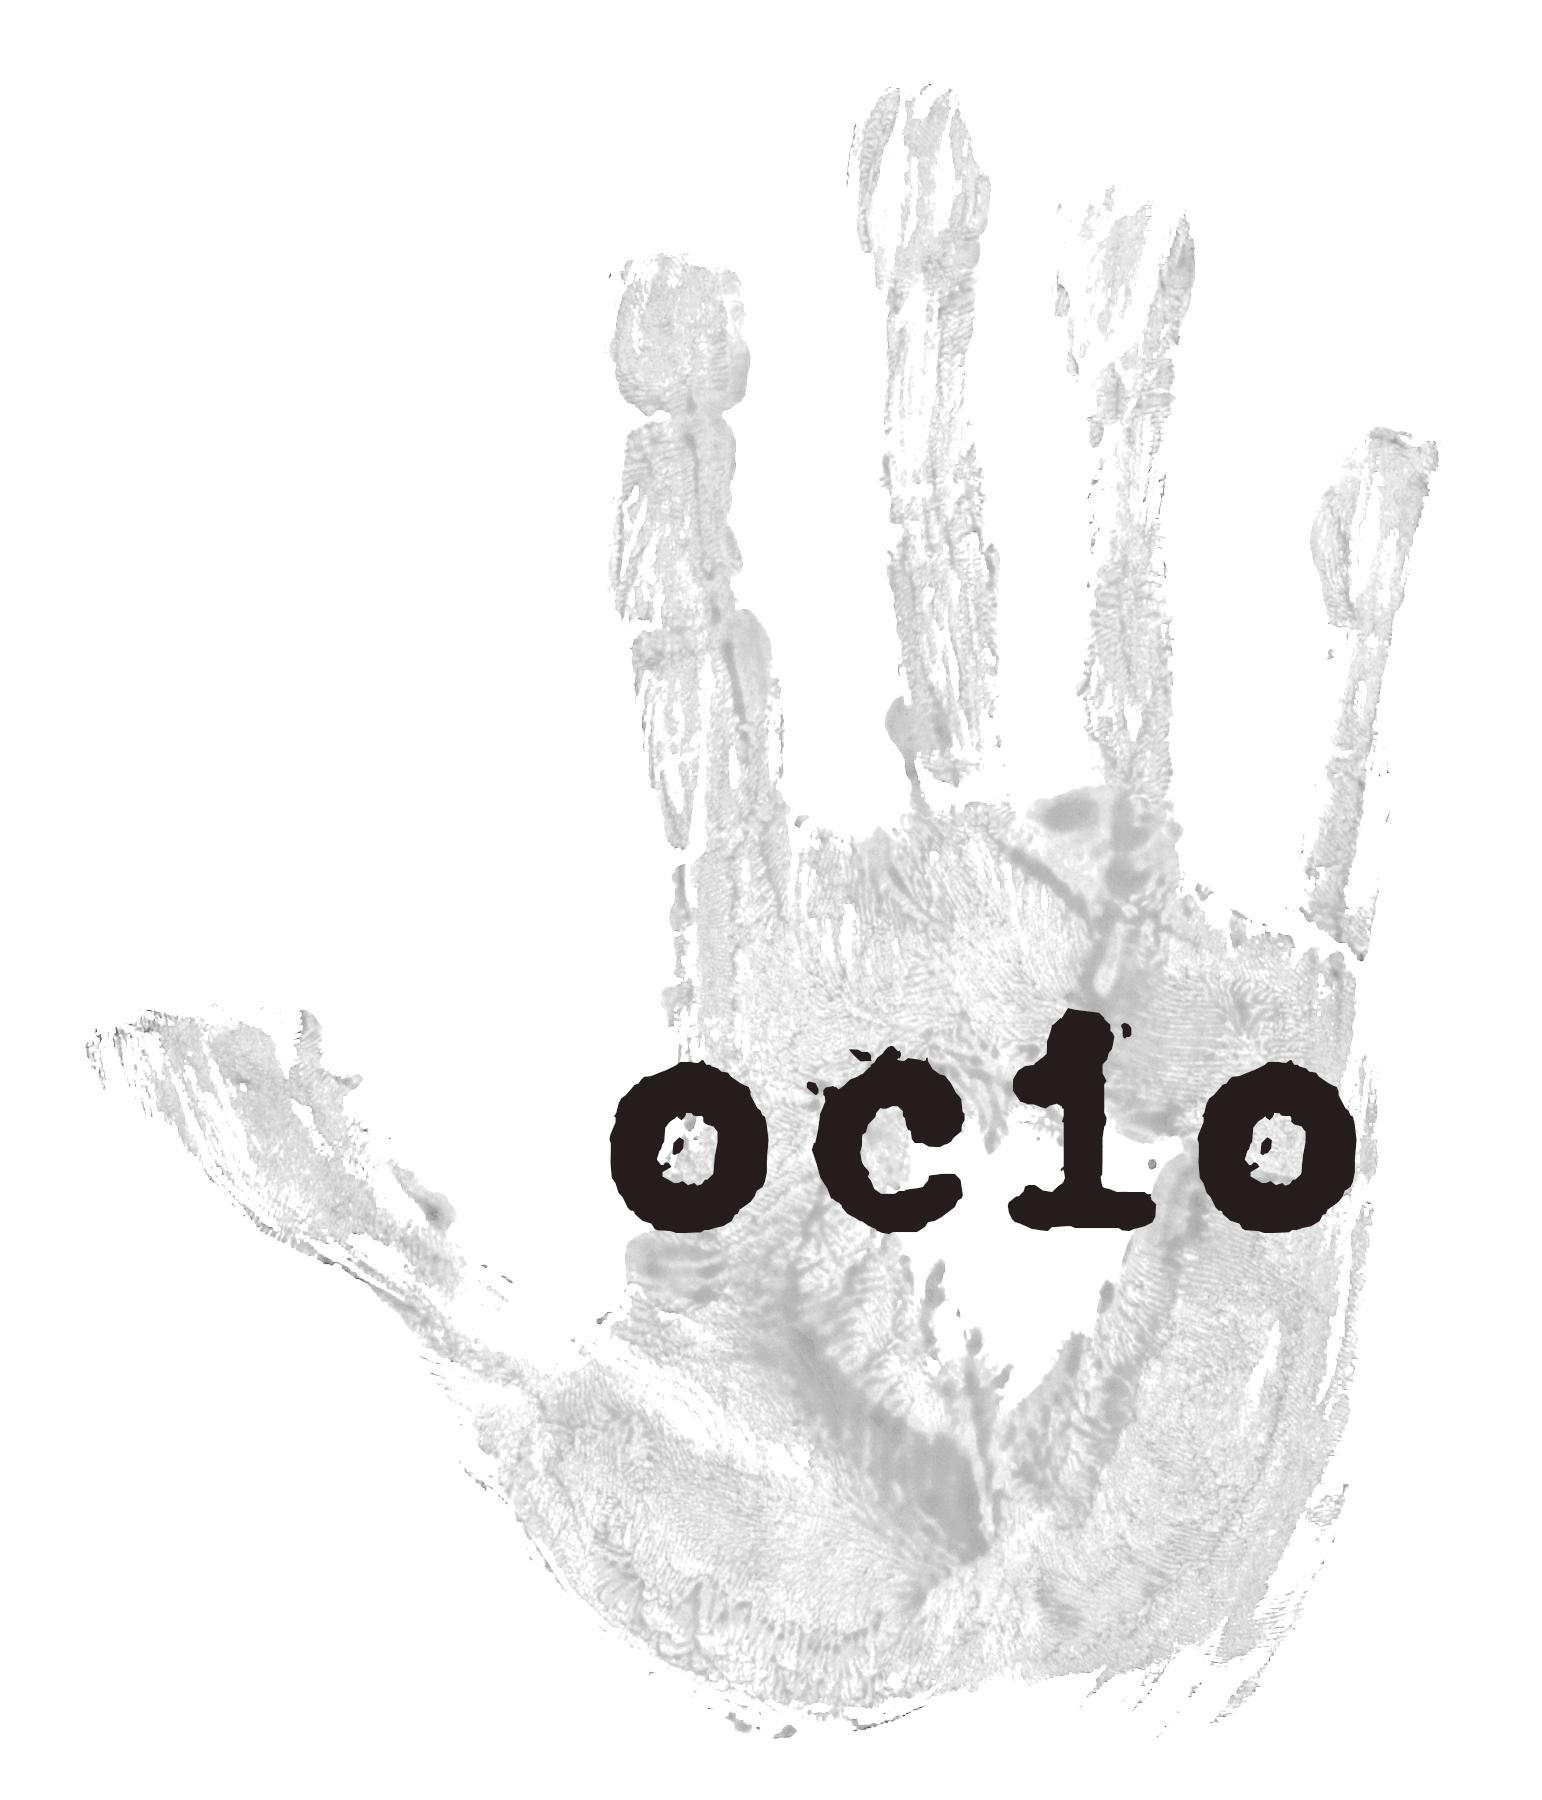 outsourced-cio-llc-logo-image